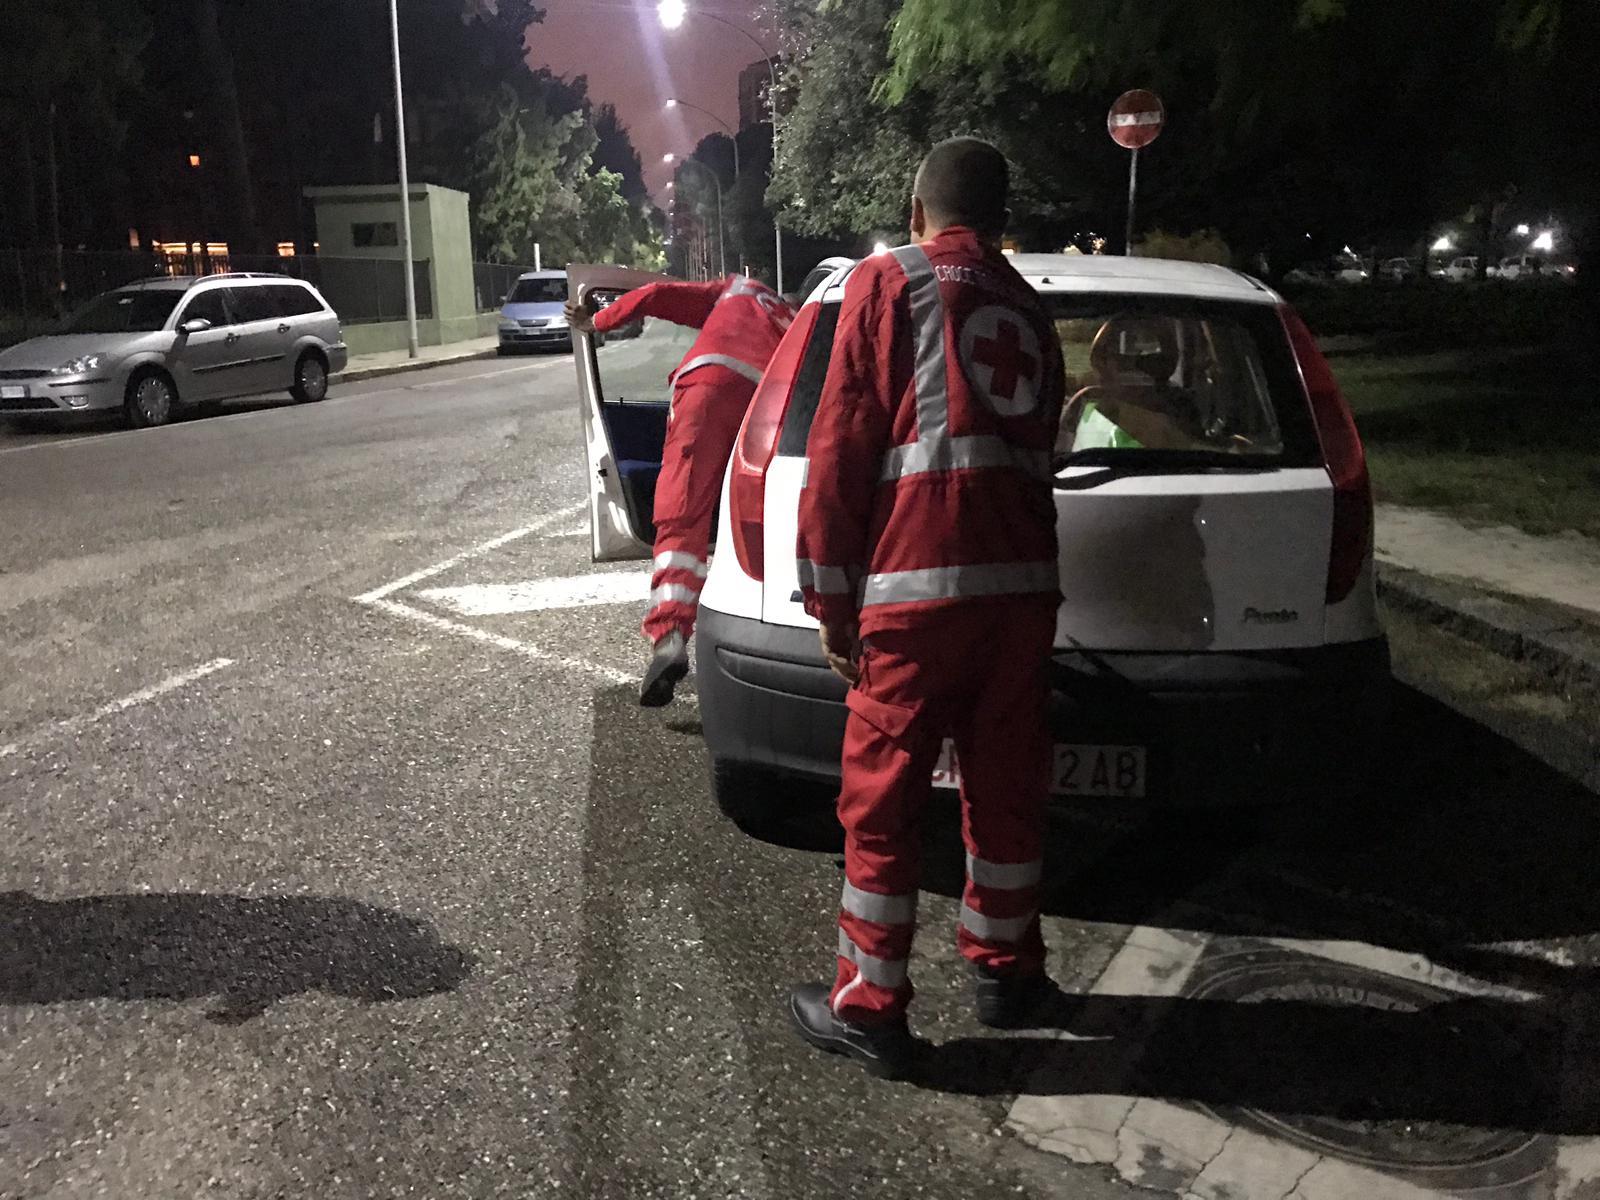 Maltempo in Sardegna: CRI impegnata nelle operazioni di assistenza e ricerca dispersi